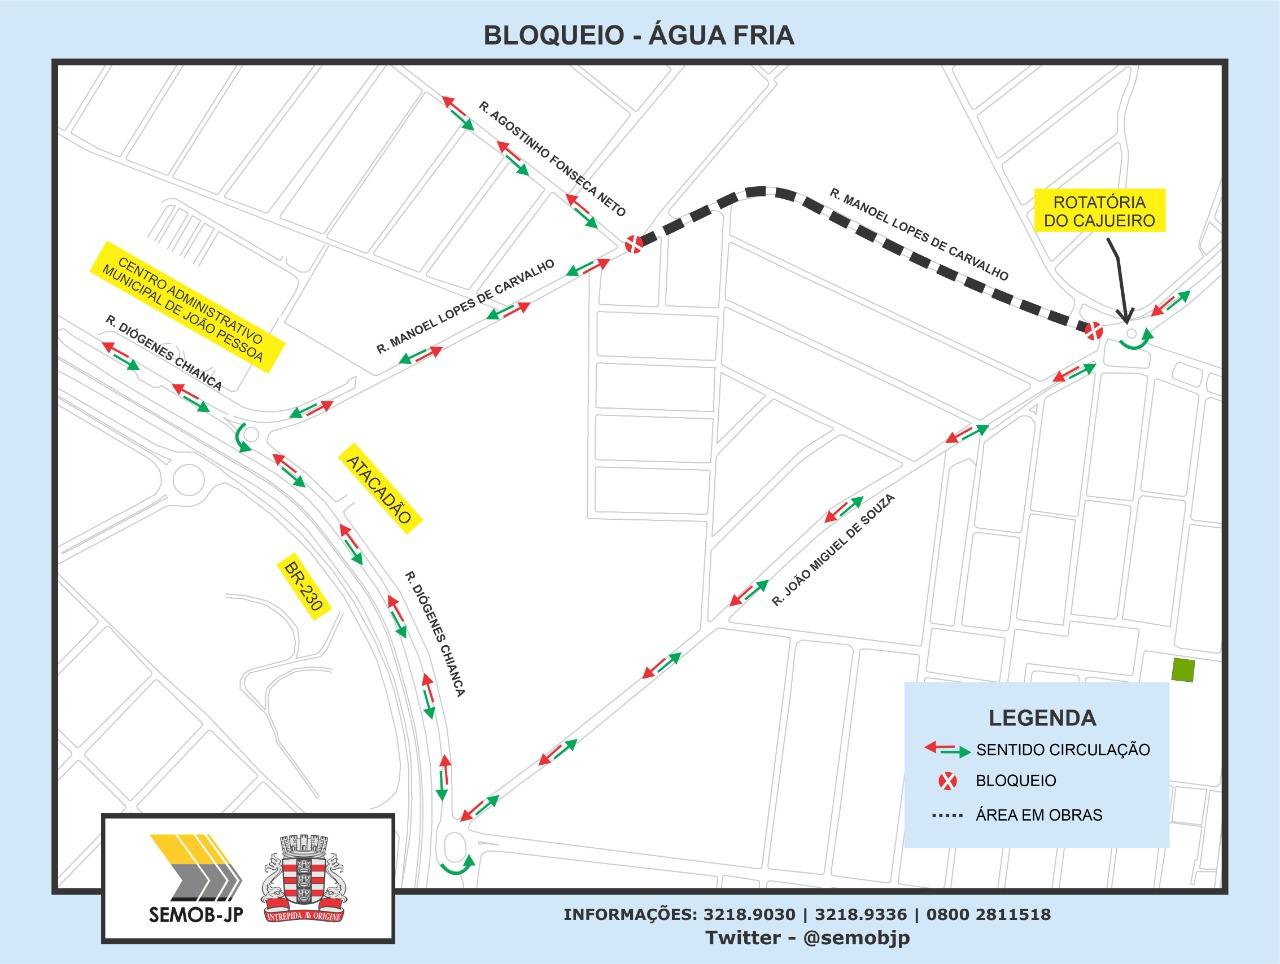 bloqueio agua fria - Trecho em Água Fria será bloqueado neste sábado (10) para obras da Cagepa e Semob orienta desvios